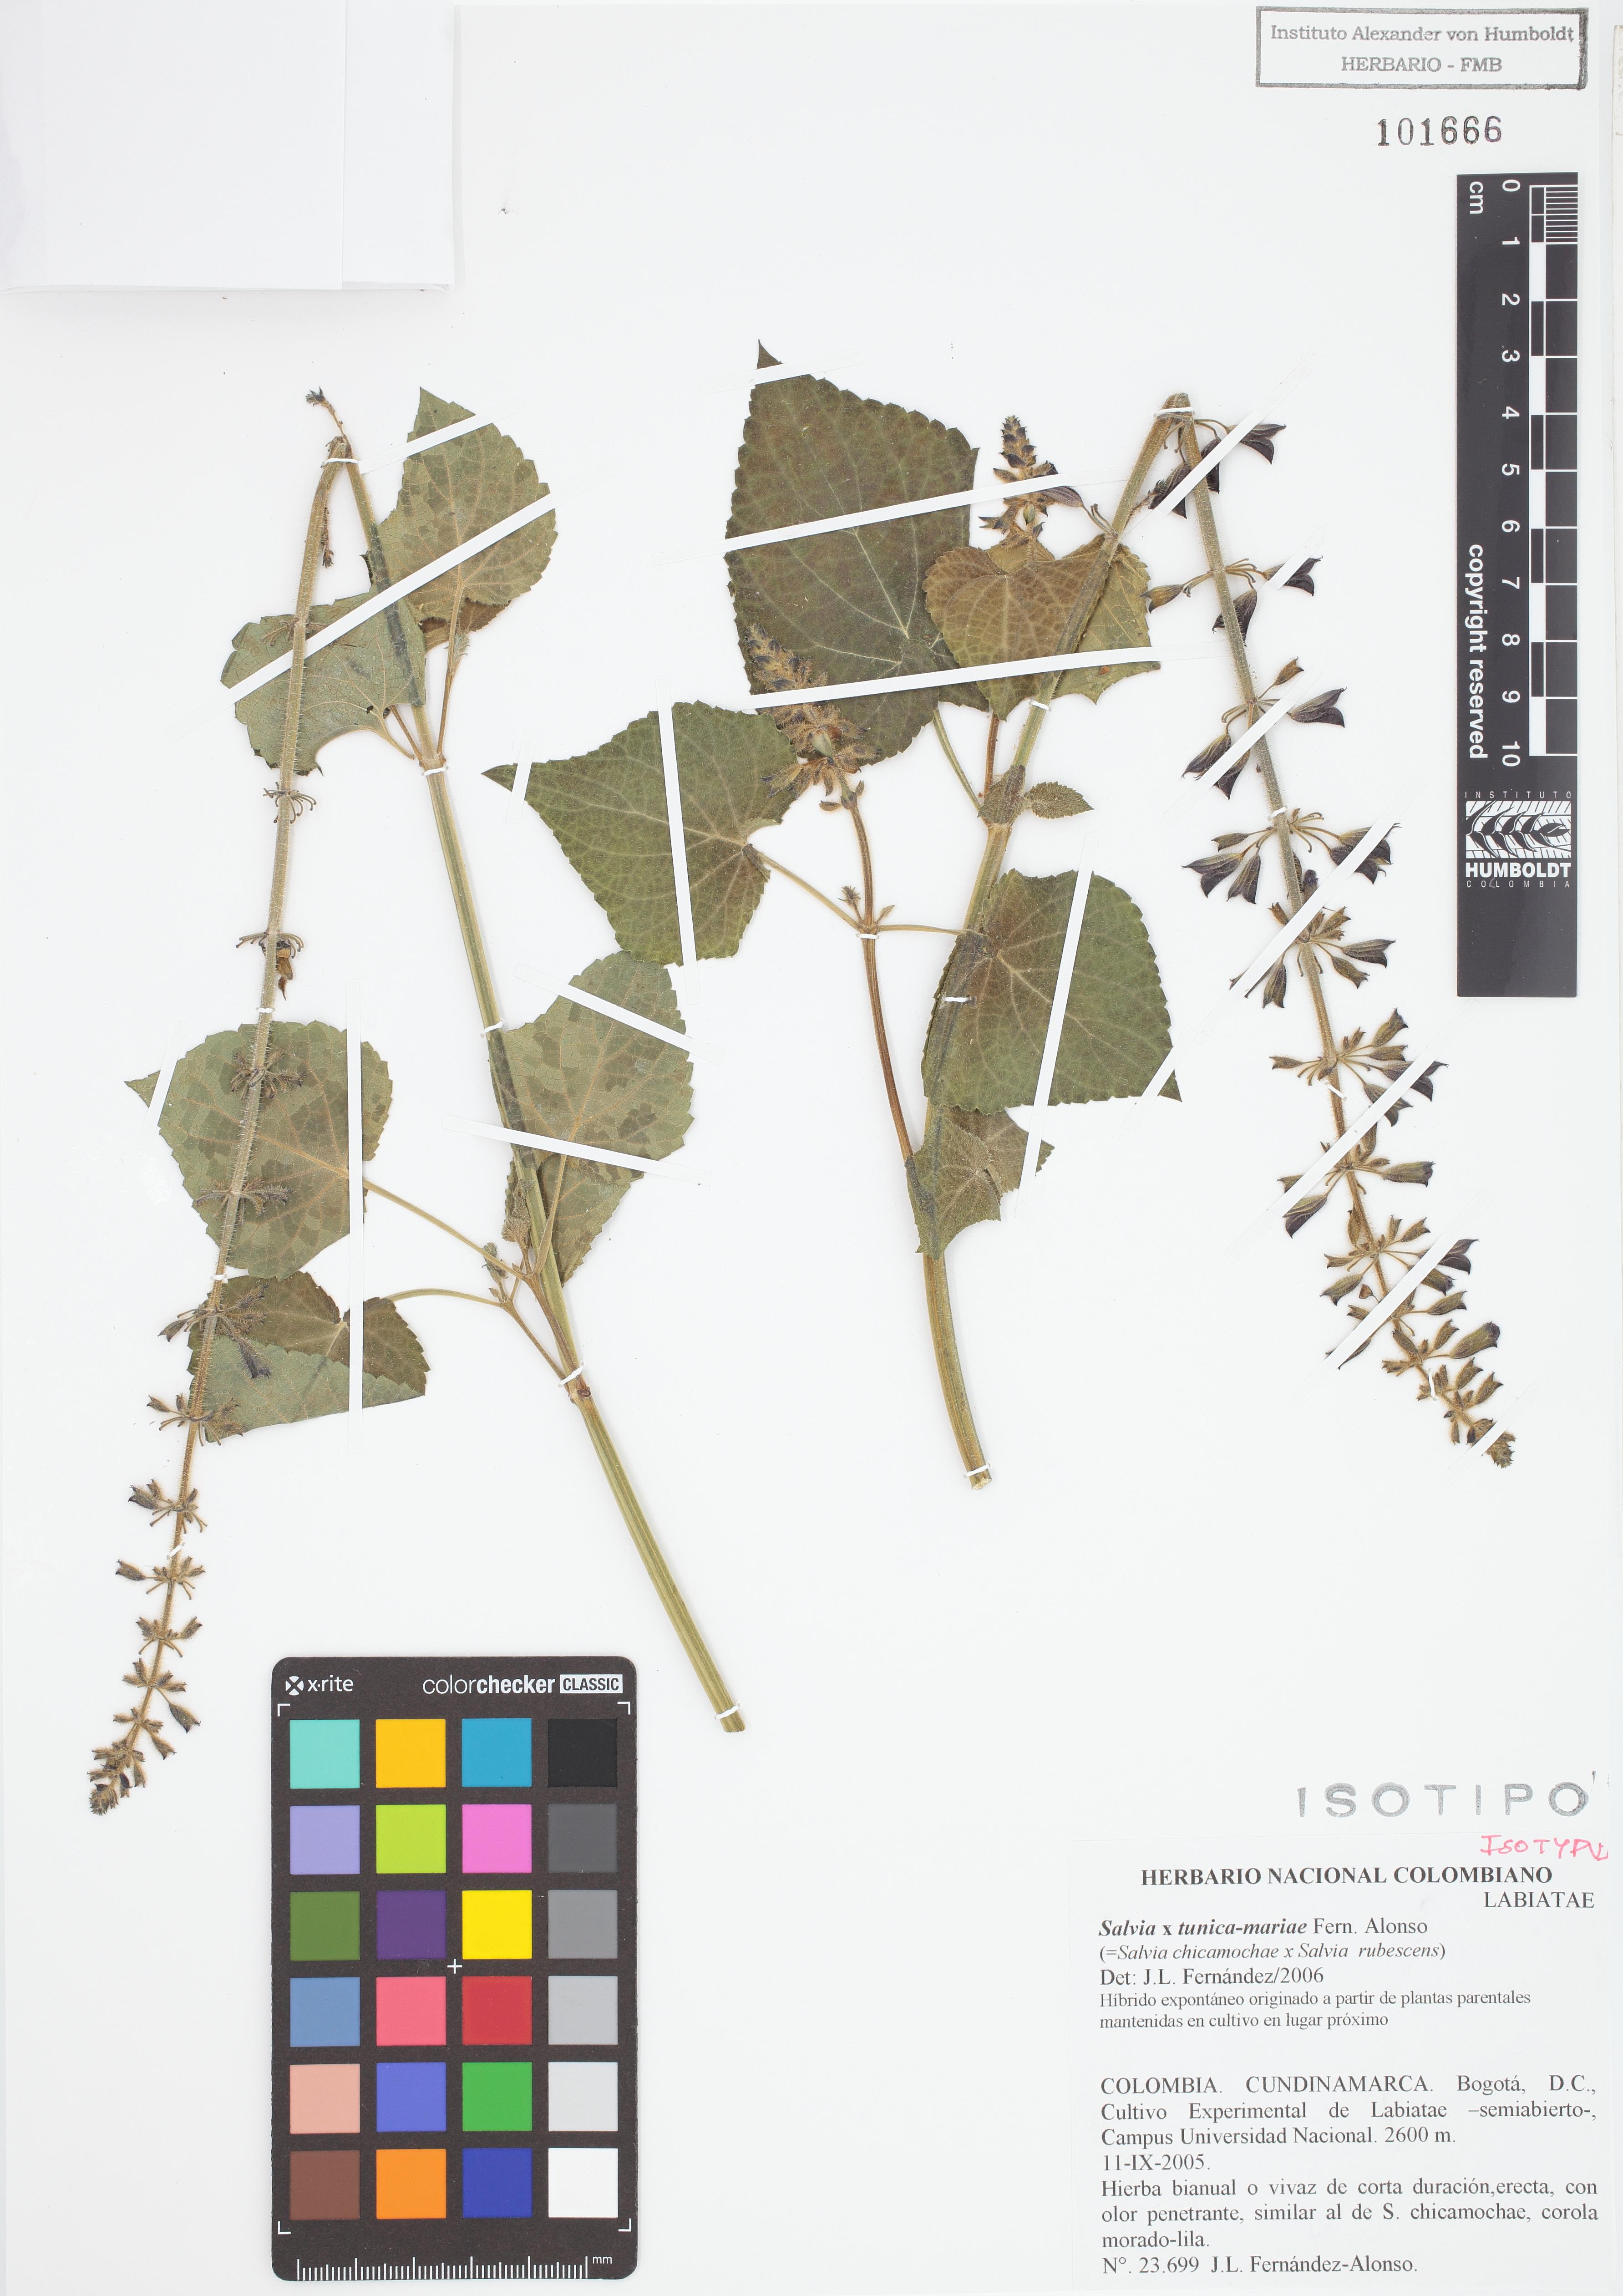 Isotipo de <em>Salvia</em> x <em>tunica-mariae</em>, FMB-101666, Fotografía por Robles A.